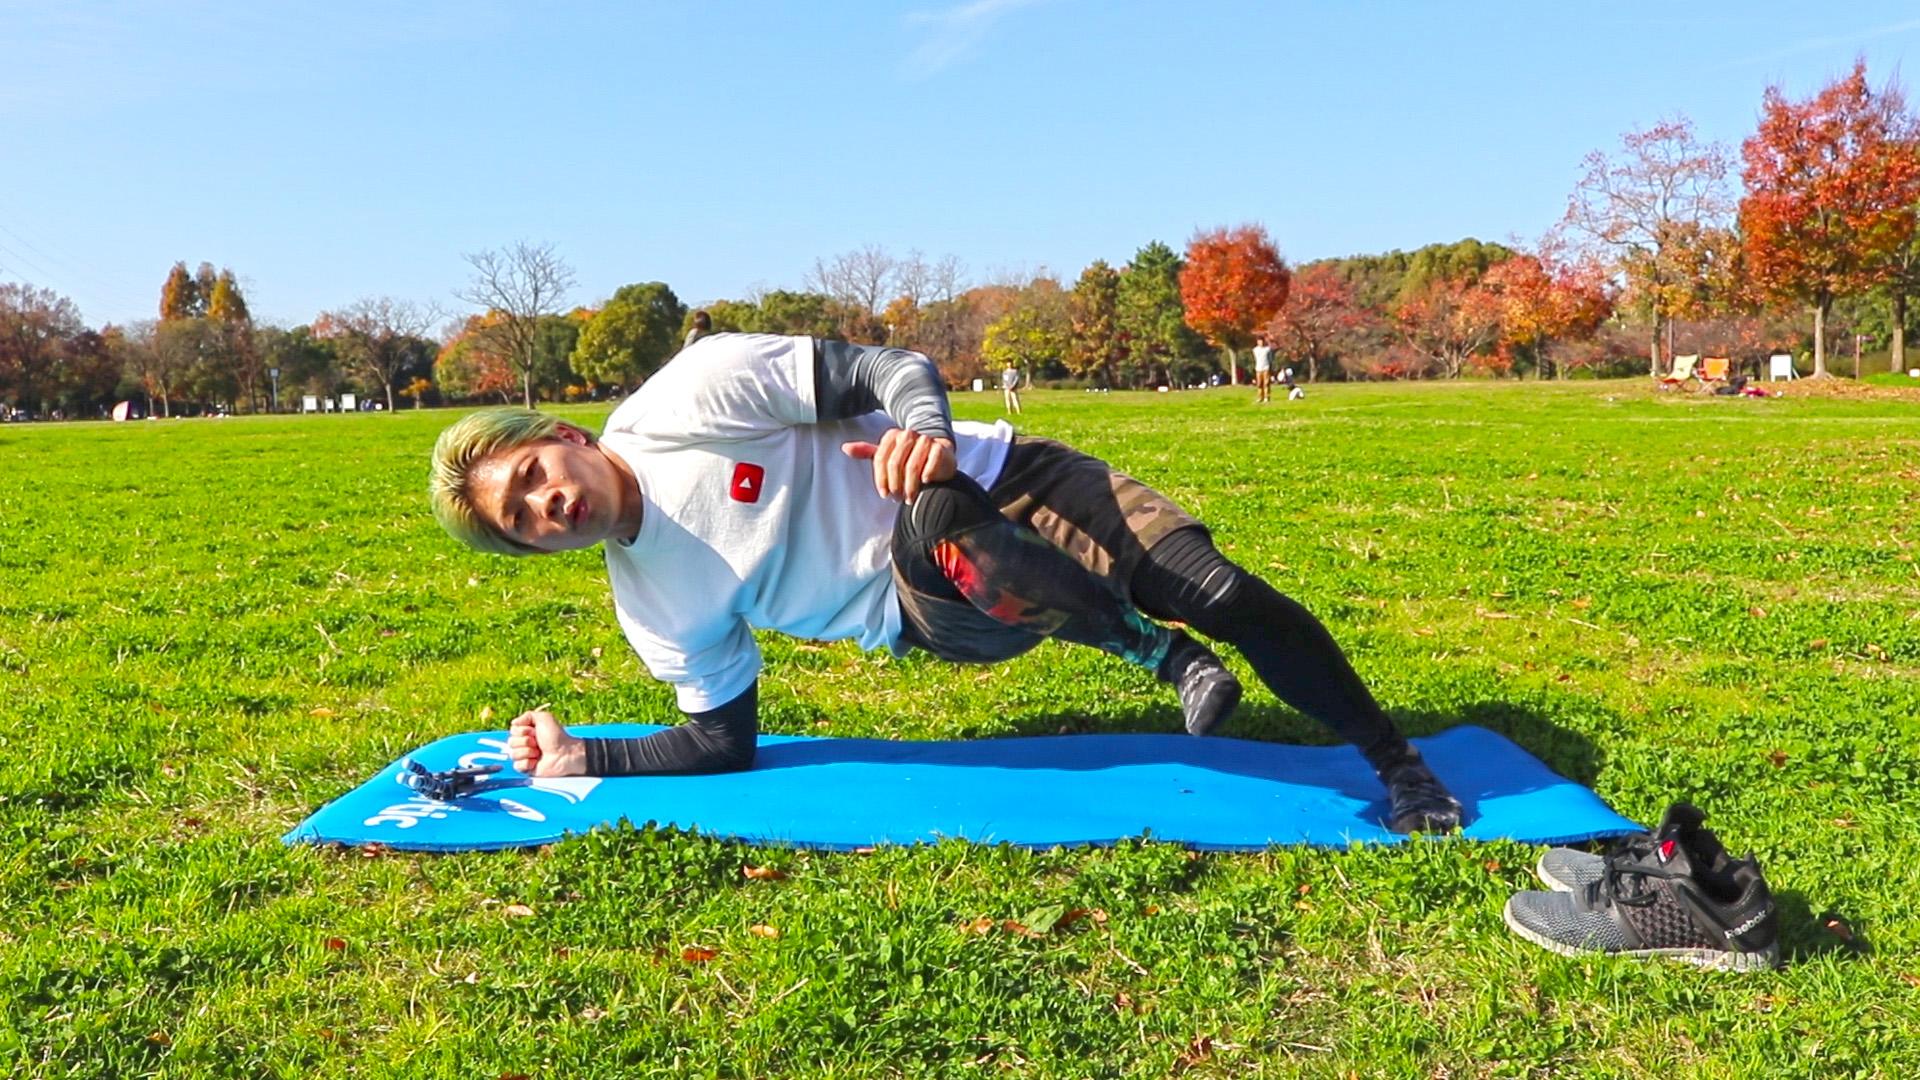 最強の1ヶ月メニューで無料・自宅・道具要らずでダイエットに成功する! #最強の1ヶ月メニュー #MuscleWatching